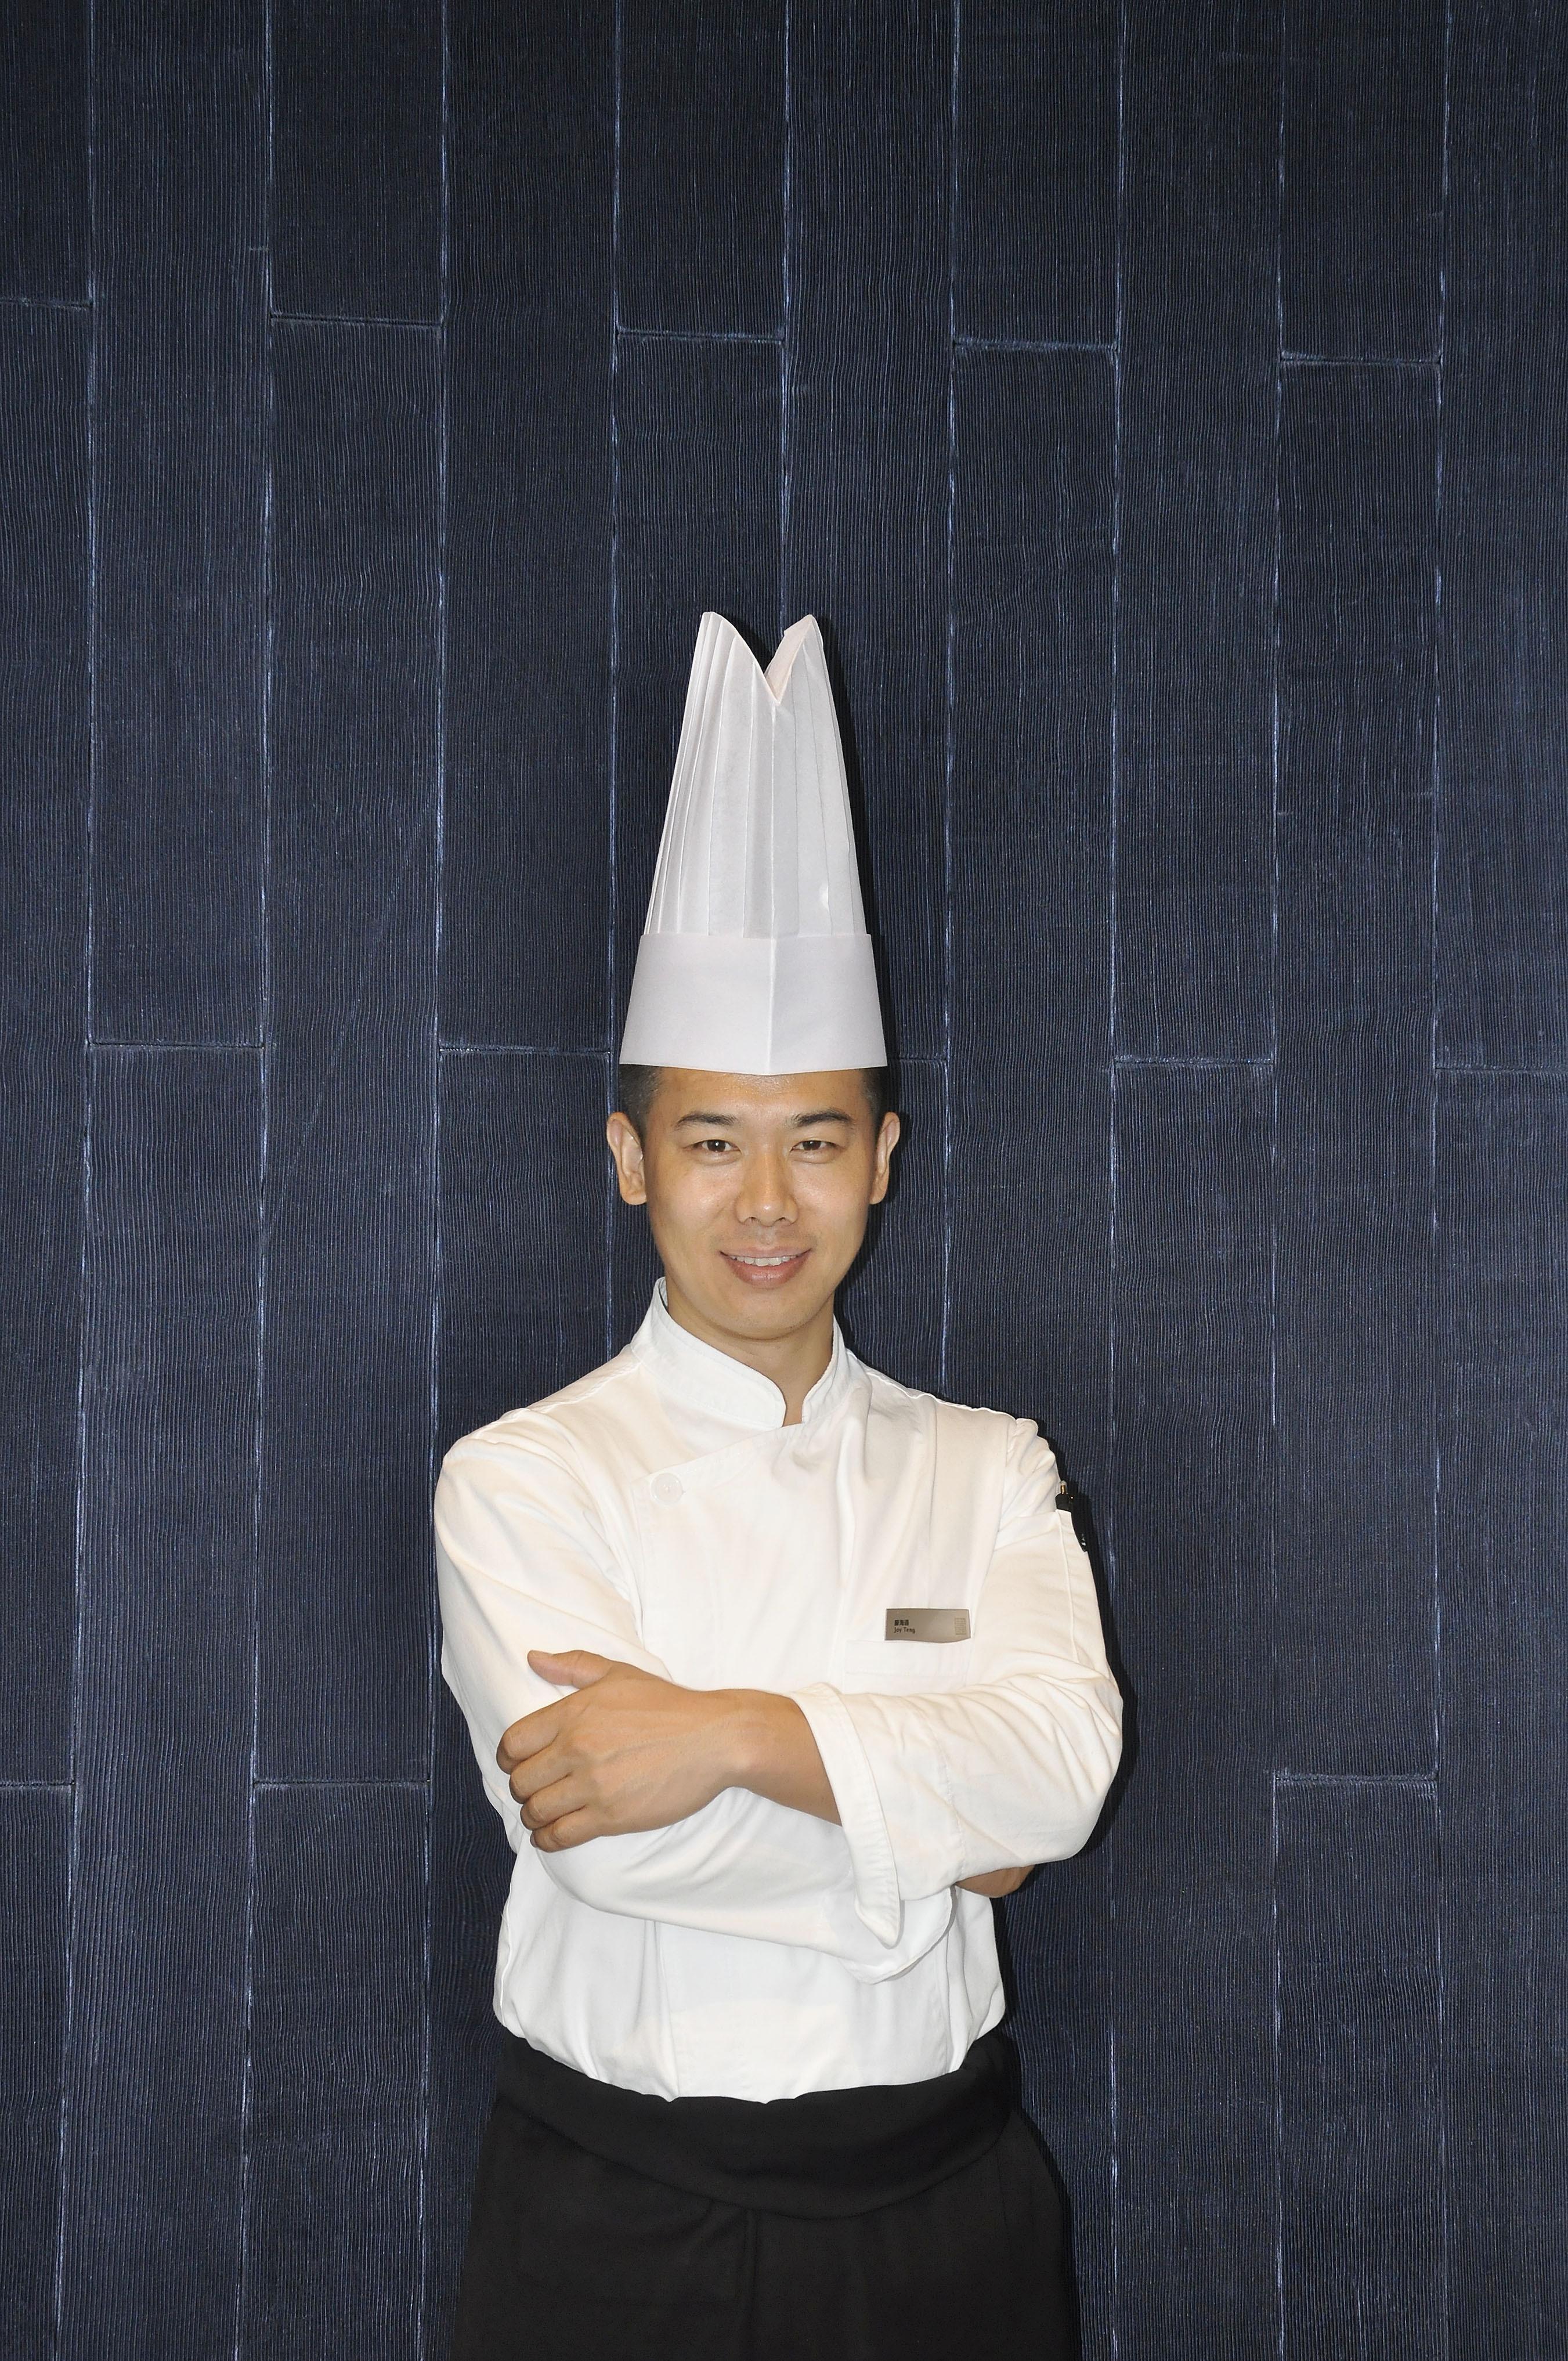 武汉富力万达嘉华酒店任命滕海通先生为酒店行政总厨